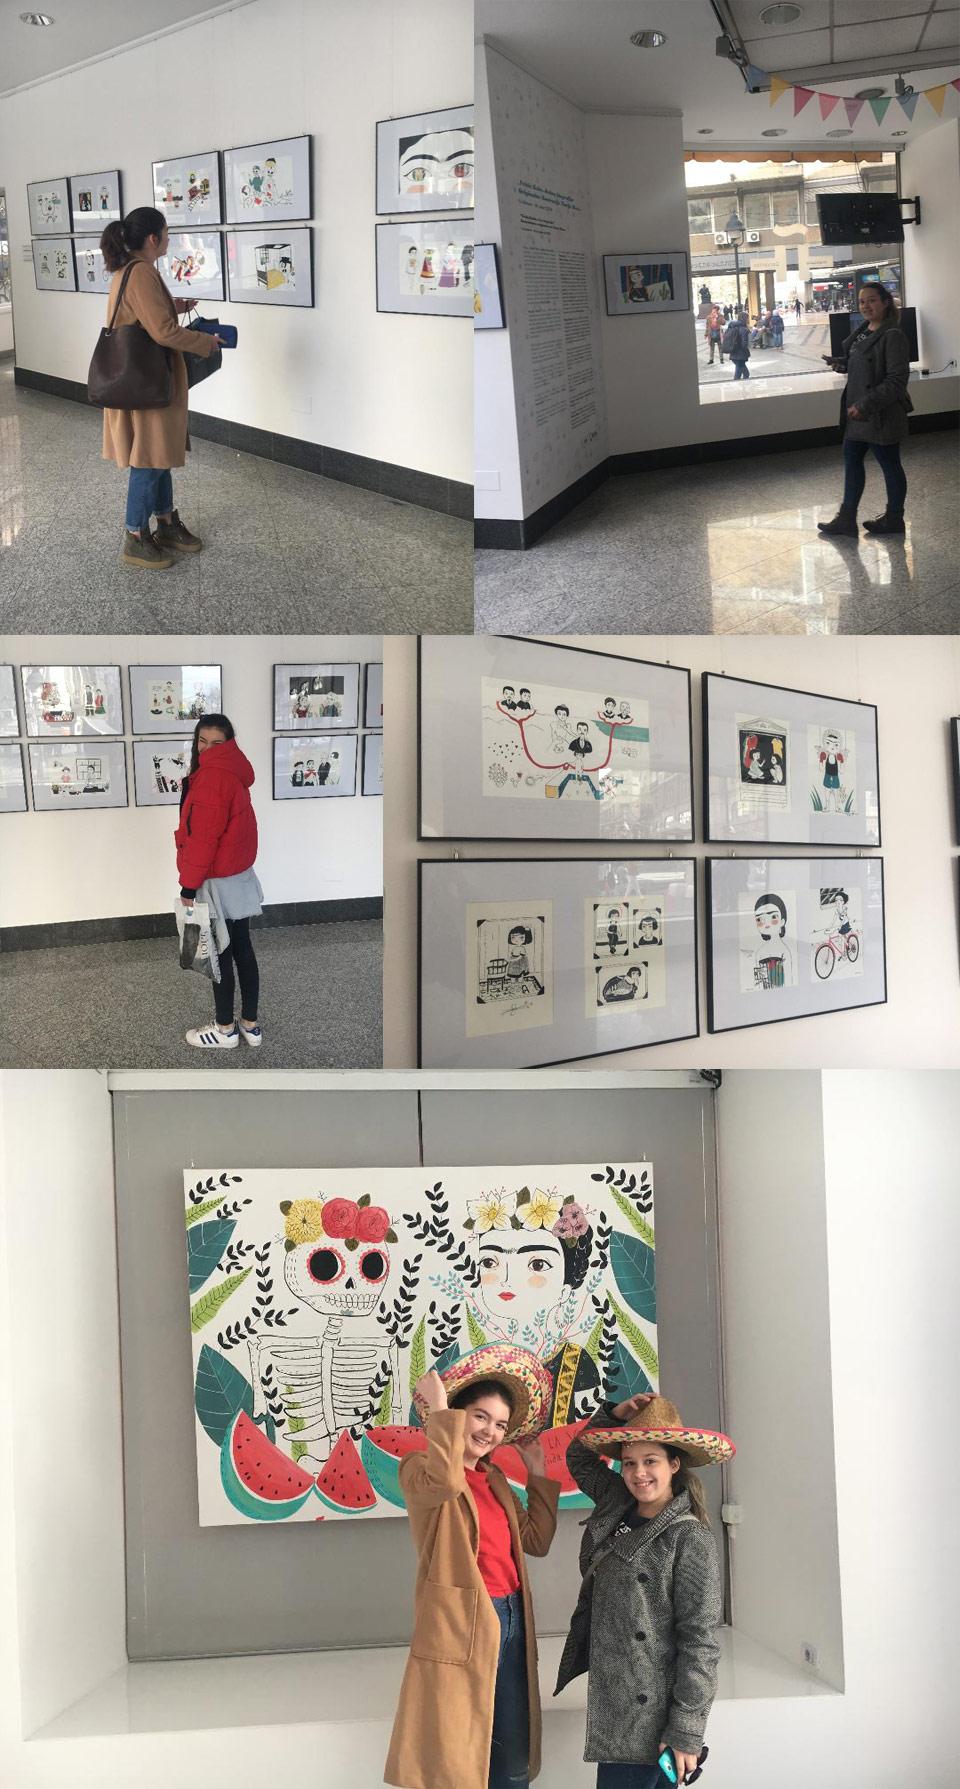 Galerija-Instituta-Servantes-i-izložba-ilustracija-španske-umetnice-María-Hesse